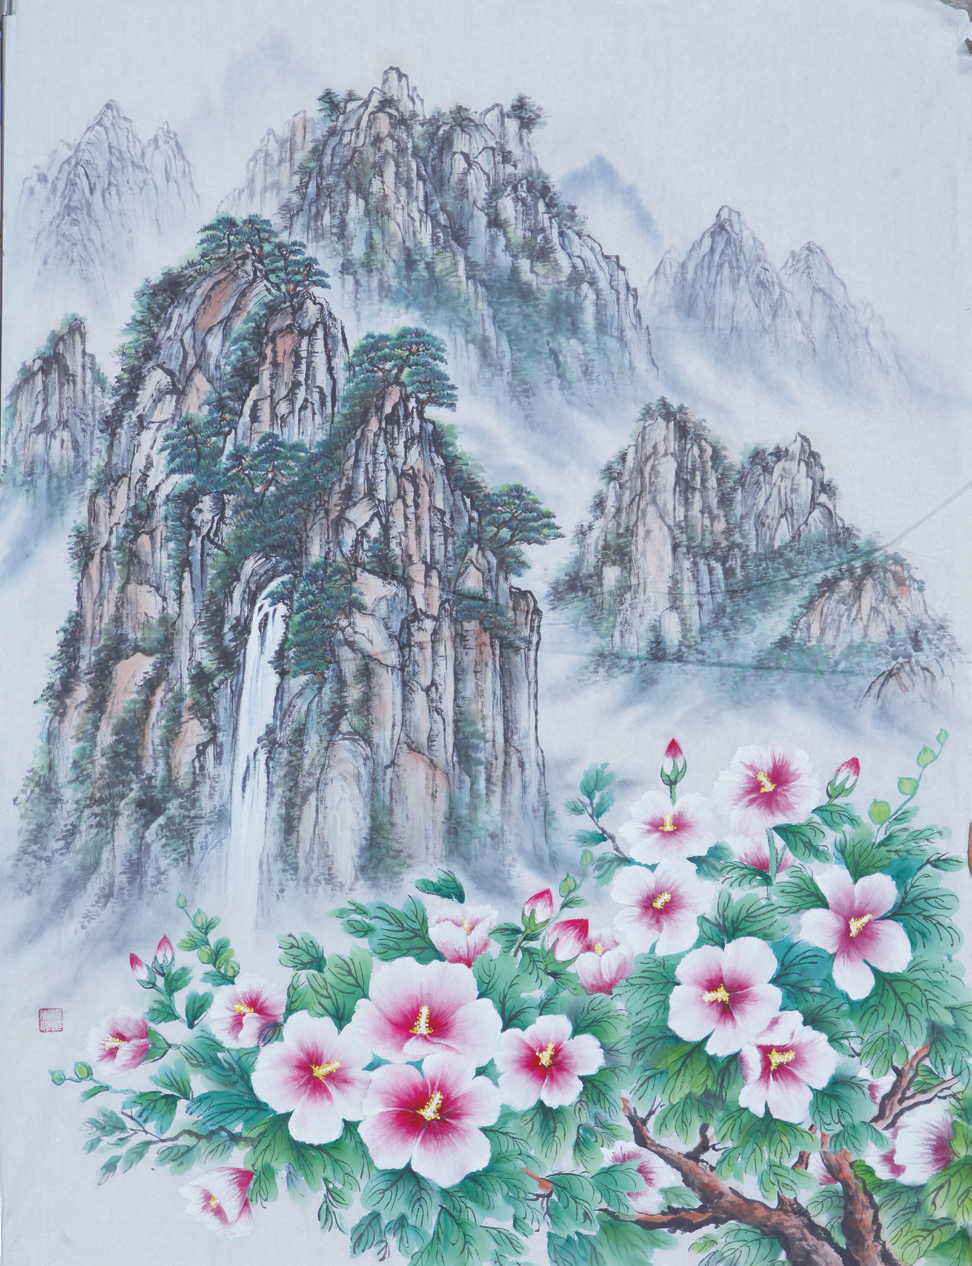 류선정(한국화)-나라꽃 무궁화. 금강산 괴암절벽